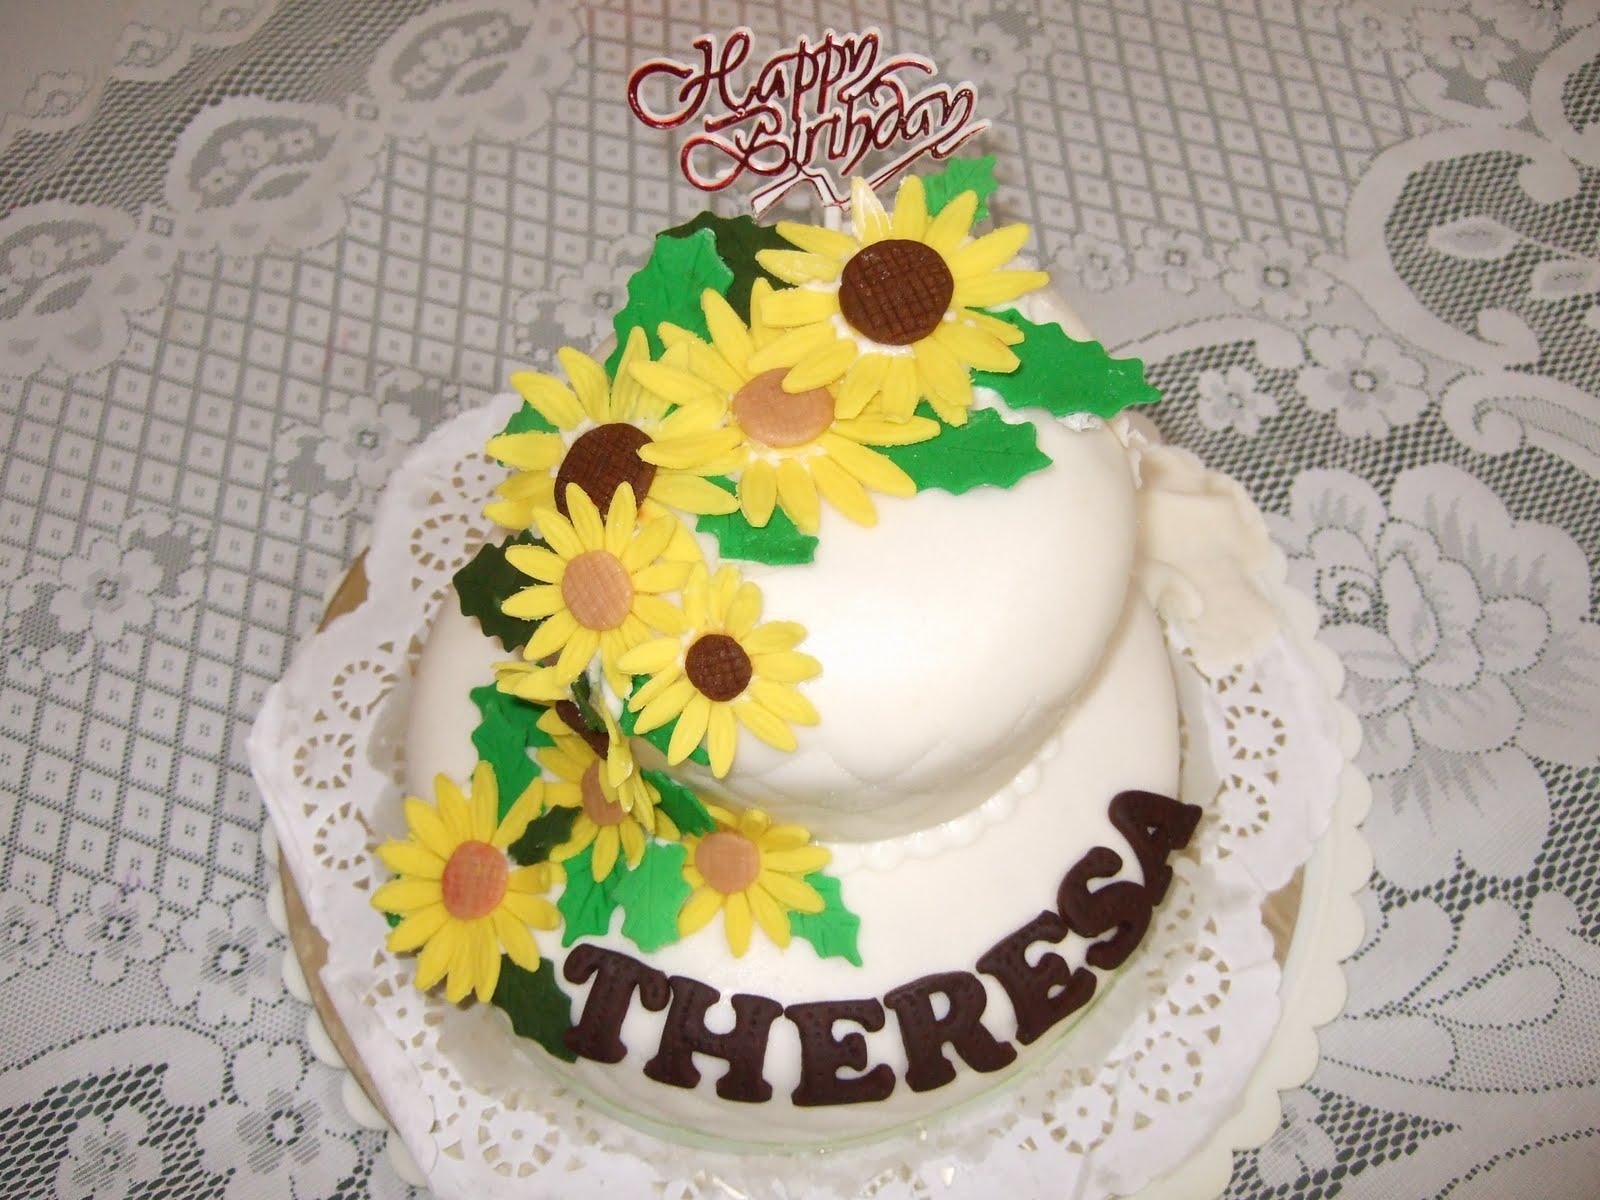 Homemade Fondant Cakes 2 Tiers Sugarpaste Daisy Flowers Cakes